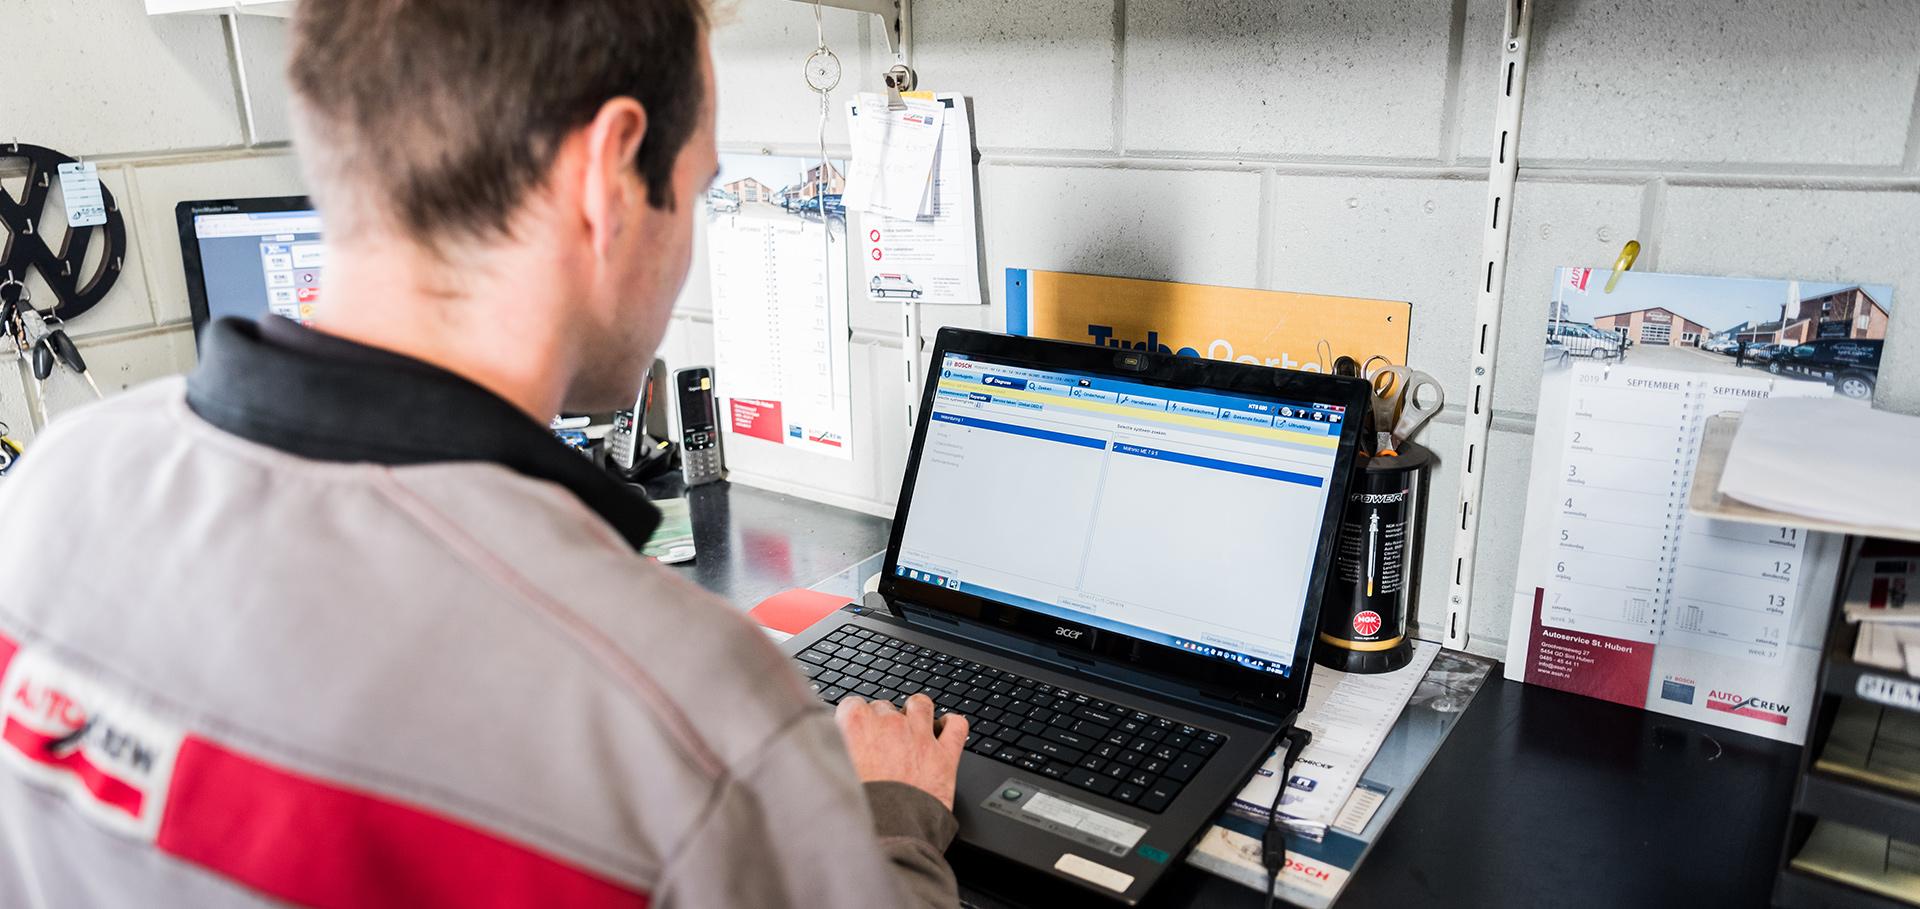 Diagnose Autoservice Sint Hubert